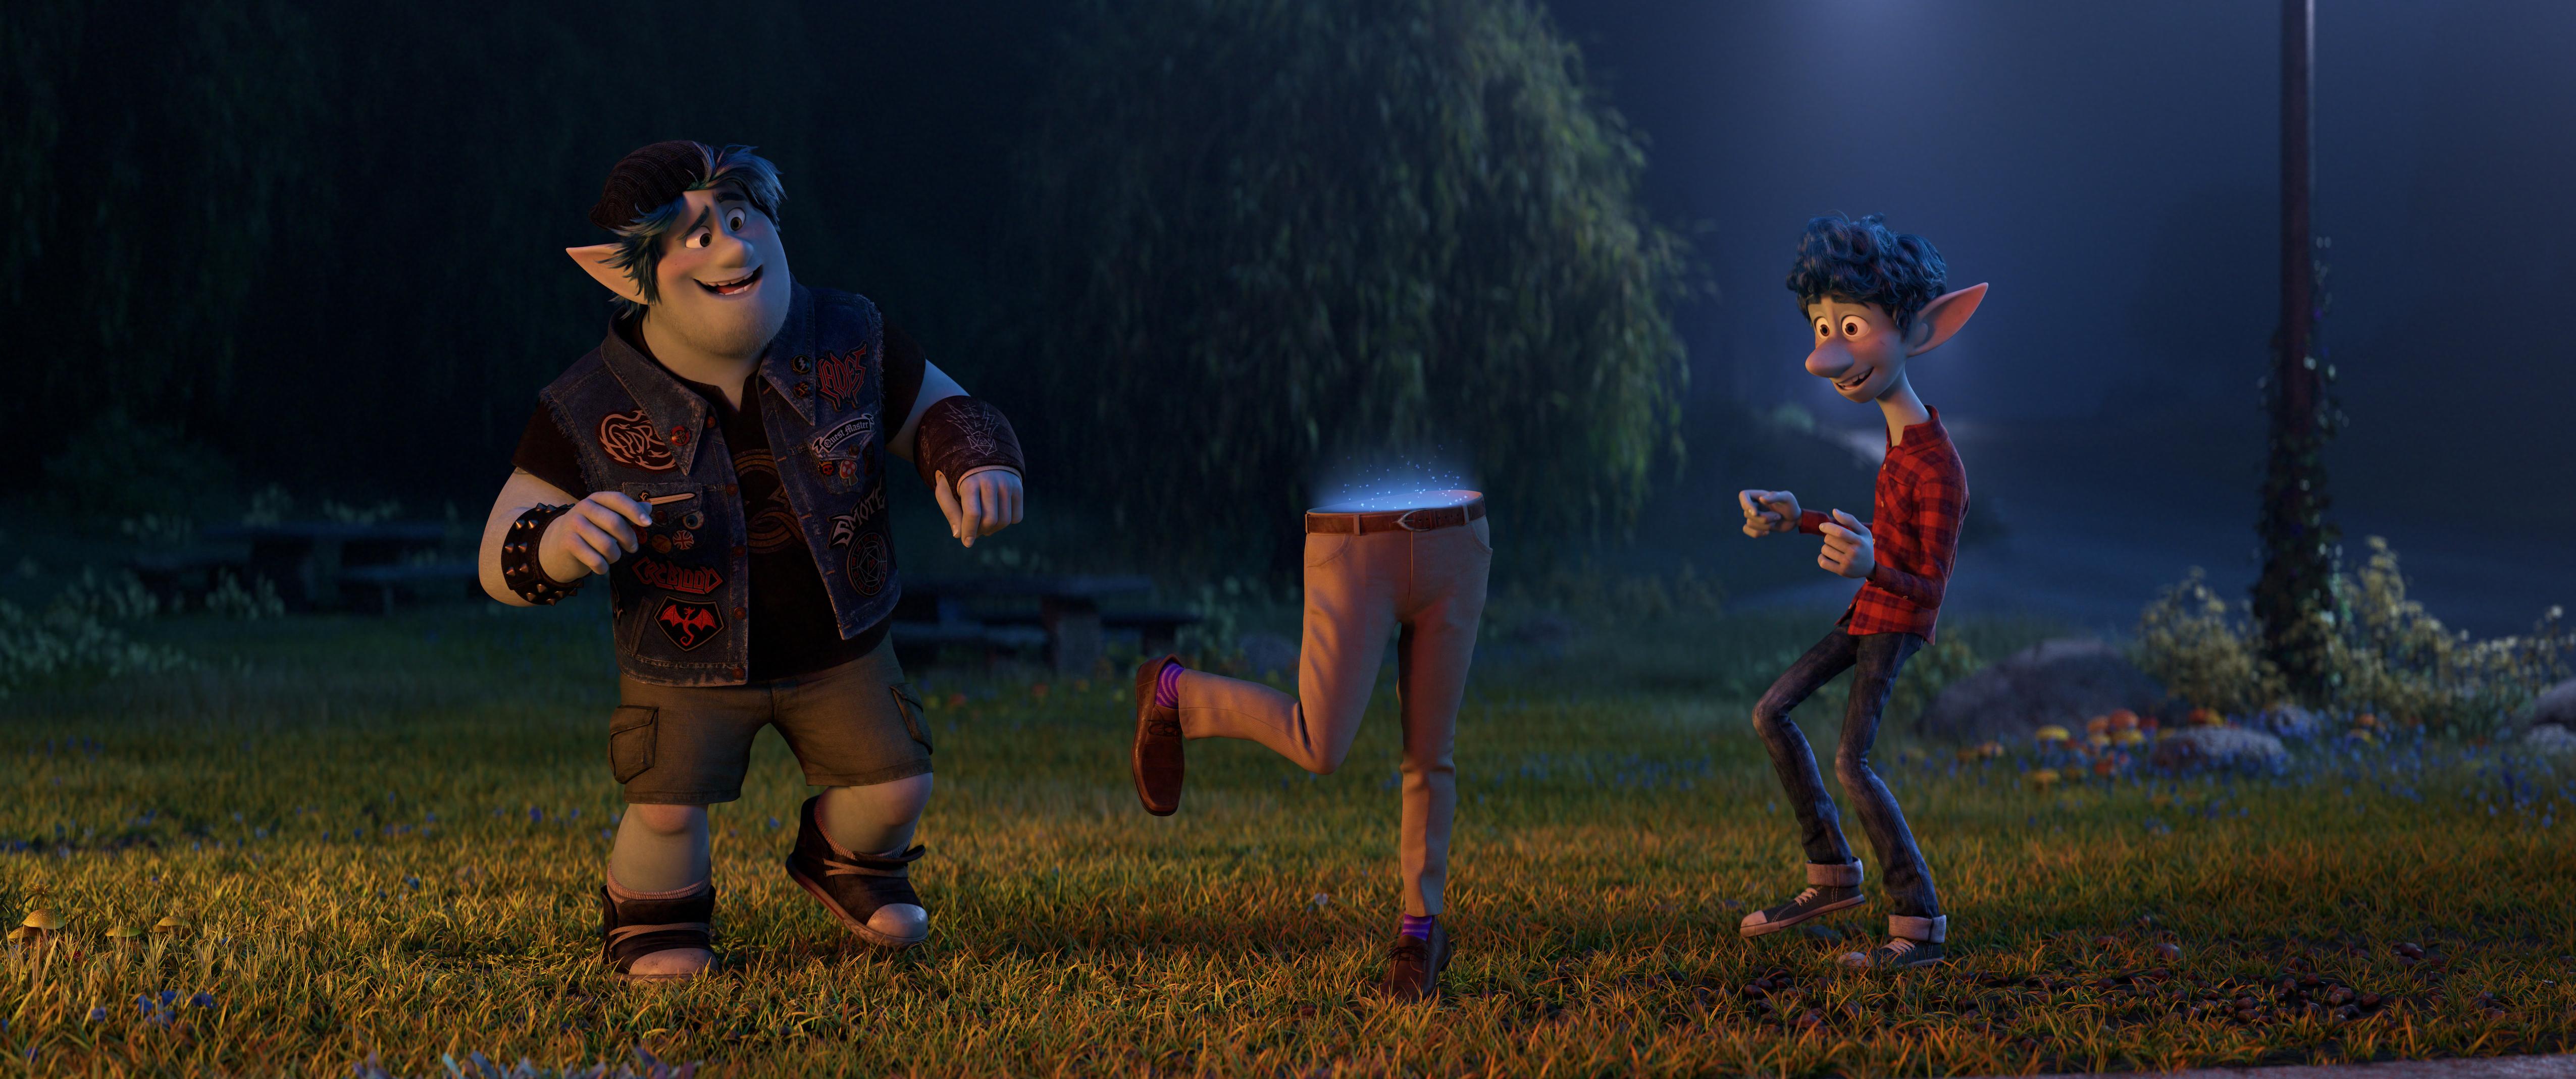 《1/2 的魔法》是皮克斯第22部動畫電影,講述了魔法世界裡讓人動容的親情故事。(迪士尼提供)